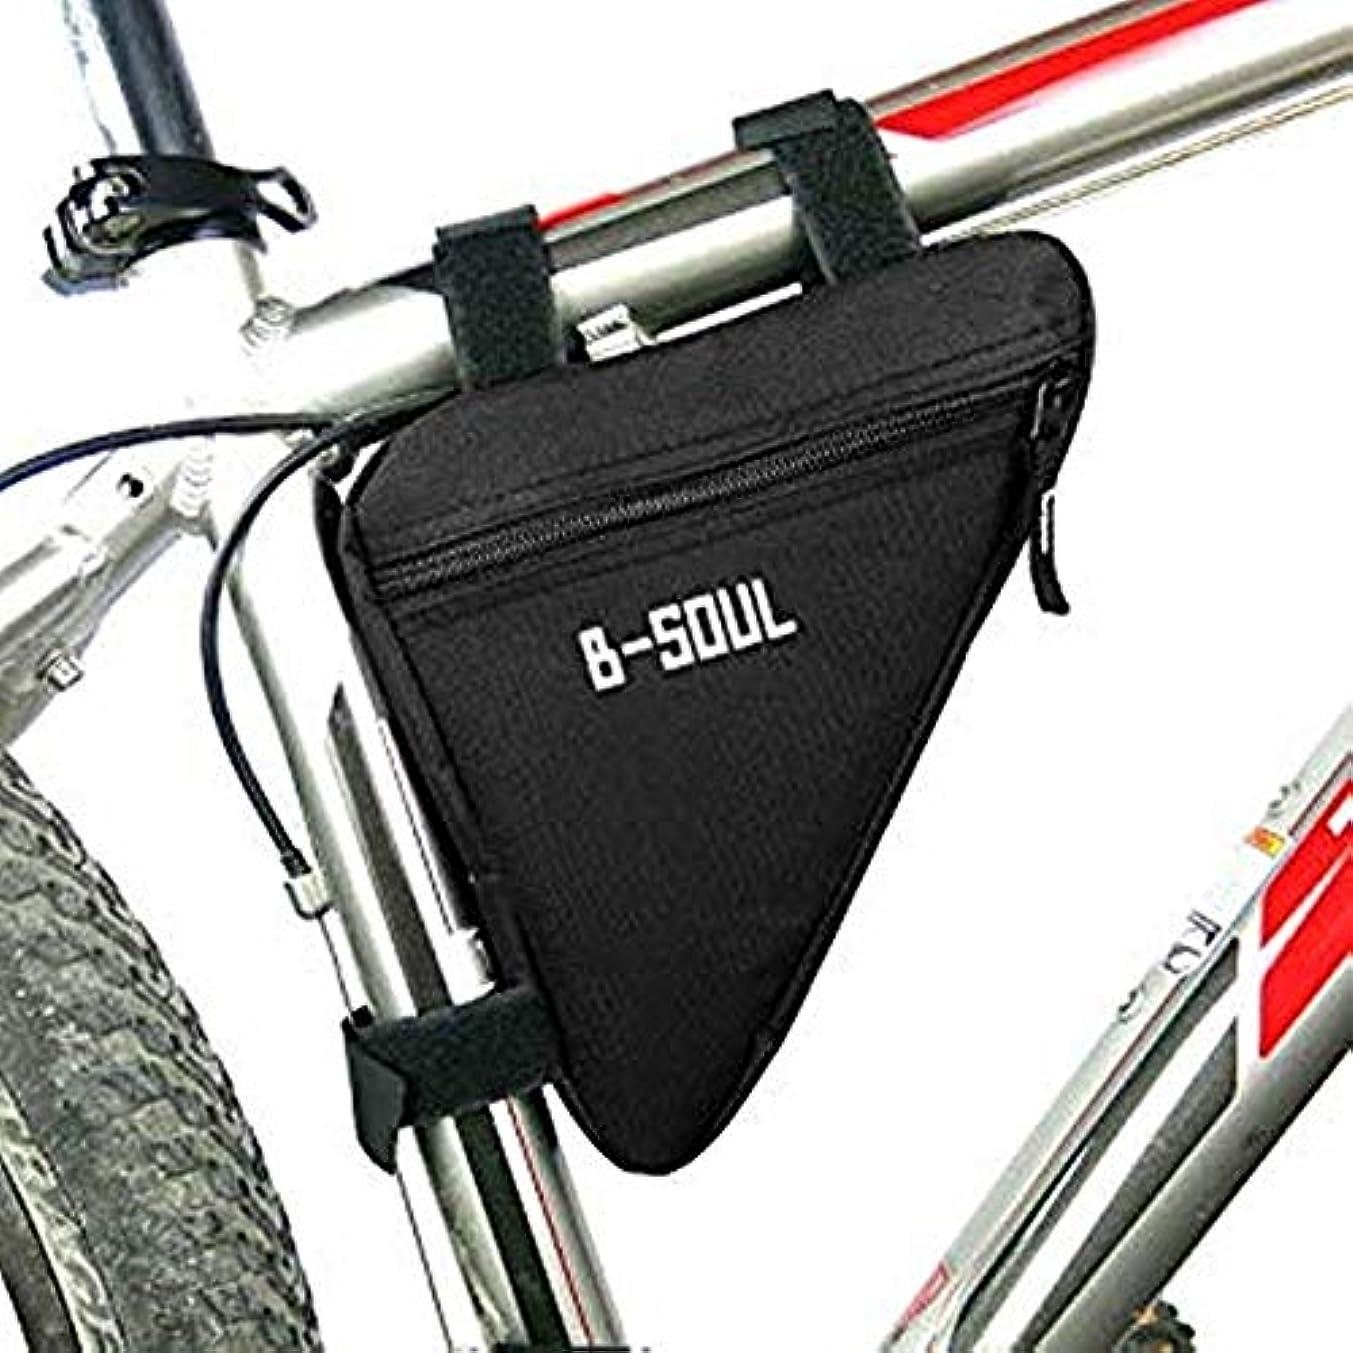 なので配分に対してリタプロショップ? 自転車用 トライアングル型バッグ/バック チューブバッグ サイクルバッグ フレームバッグ 小物入れ